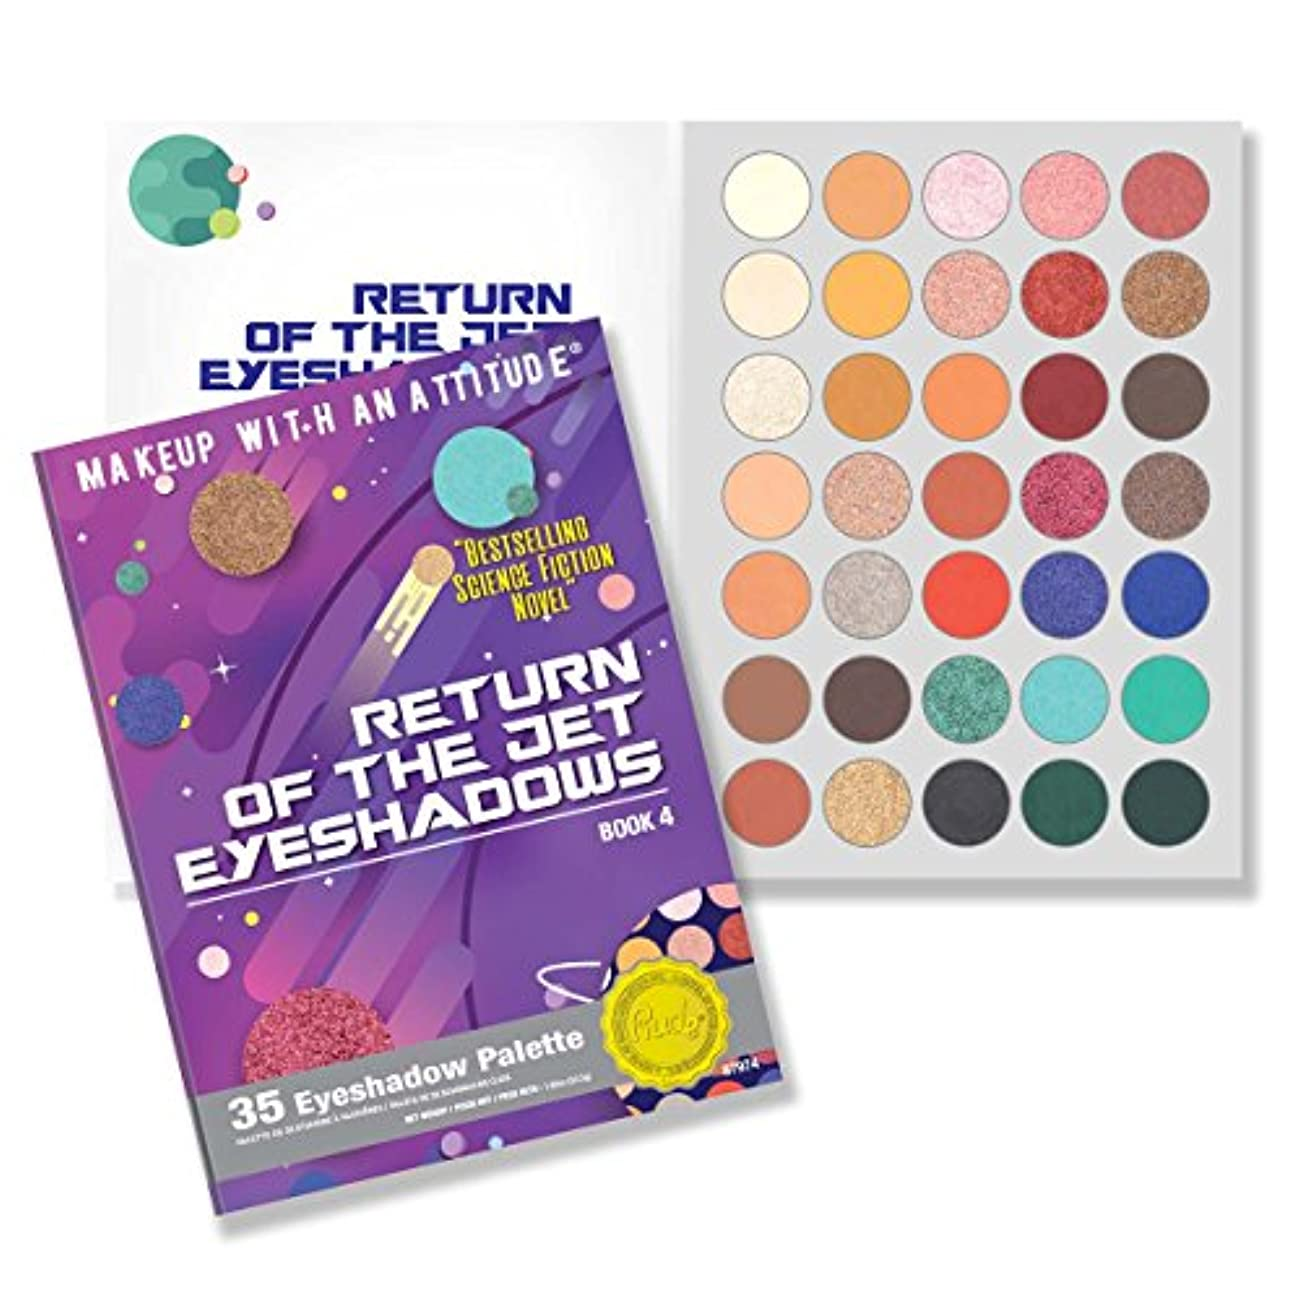 ティッシュマラソン嵐(6 Pack) RUDE Return Of The Jet Eyeshadows 35 Eyeshadow Palette - Book 4 (並行輸入品)